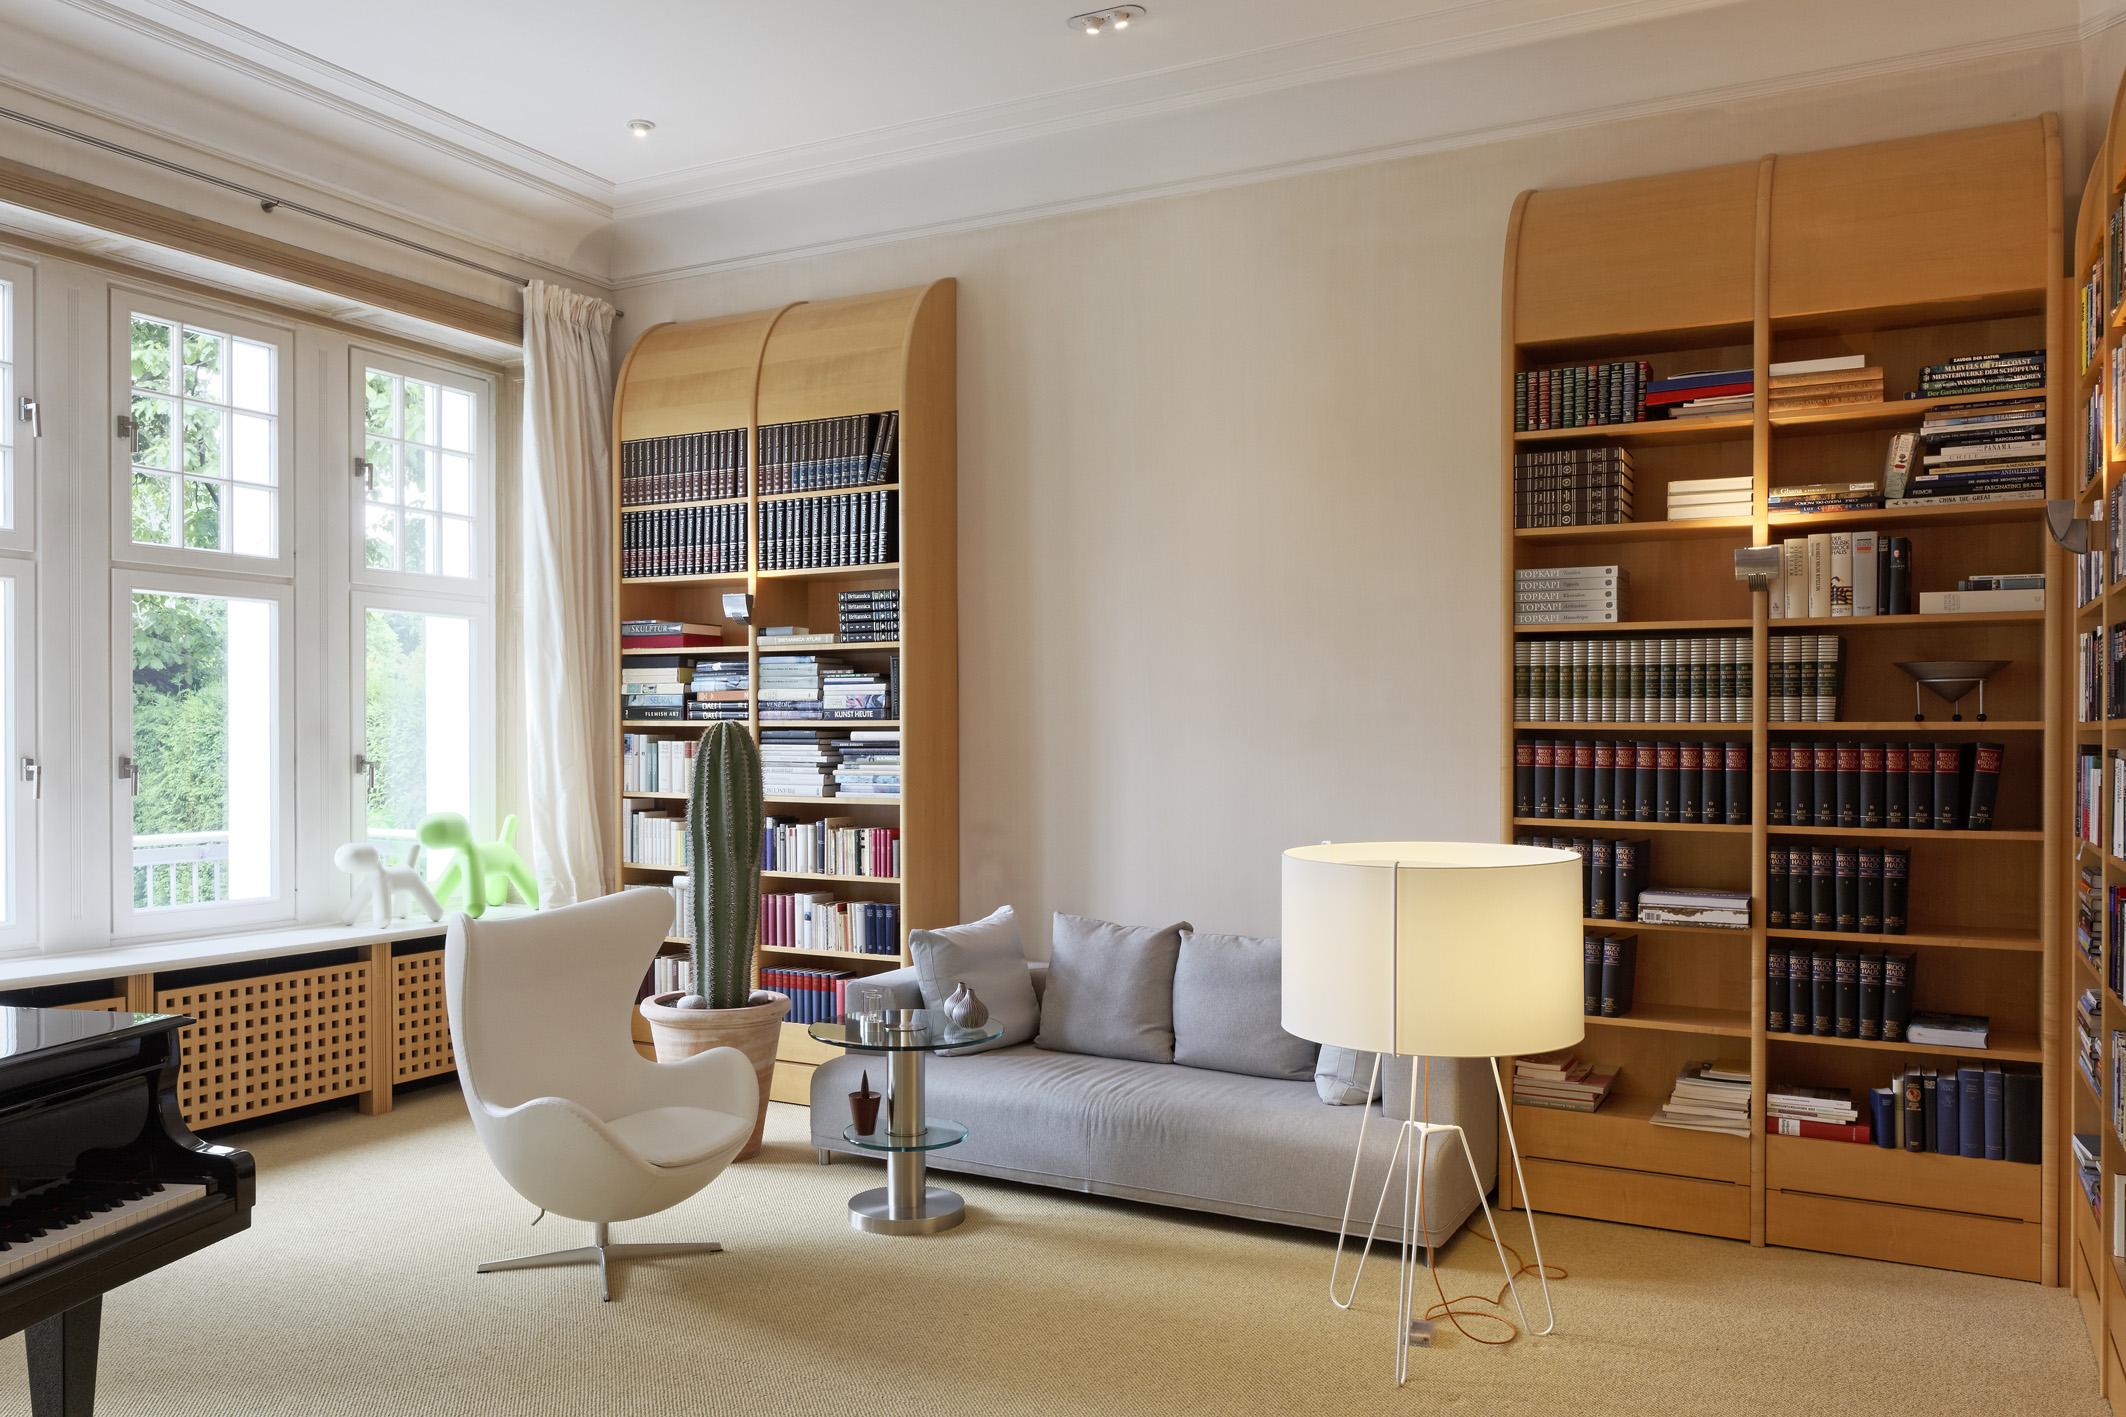 Klavierzimmer mit Sofa